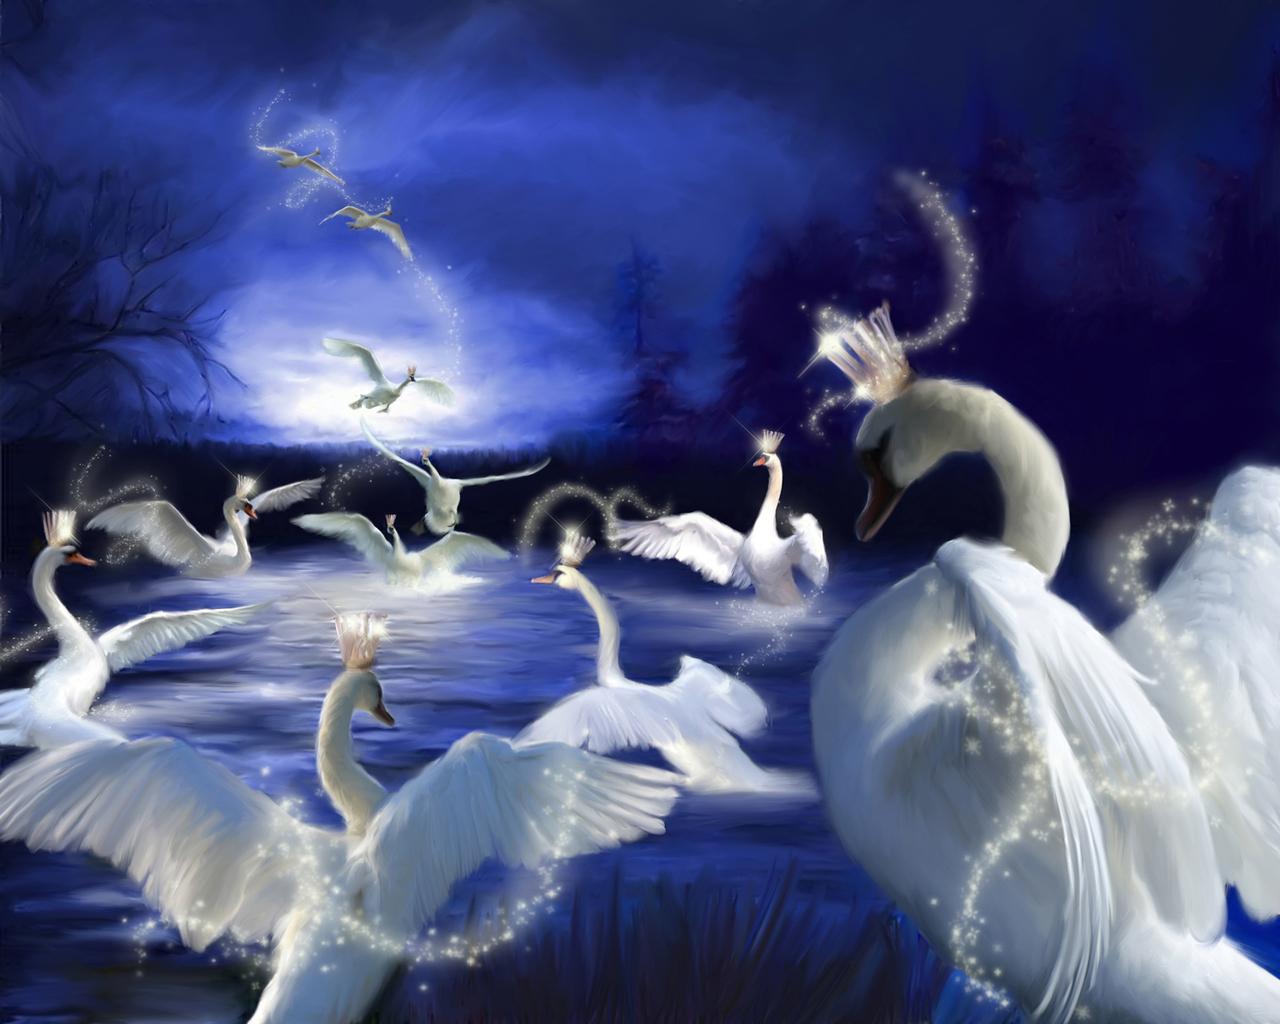 1280x1024px swan lake wallpaper wallpapersafari - Swan wallpapers for desktop ...